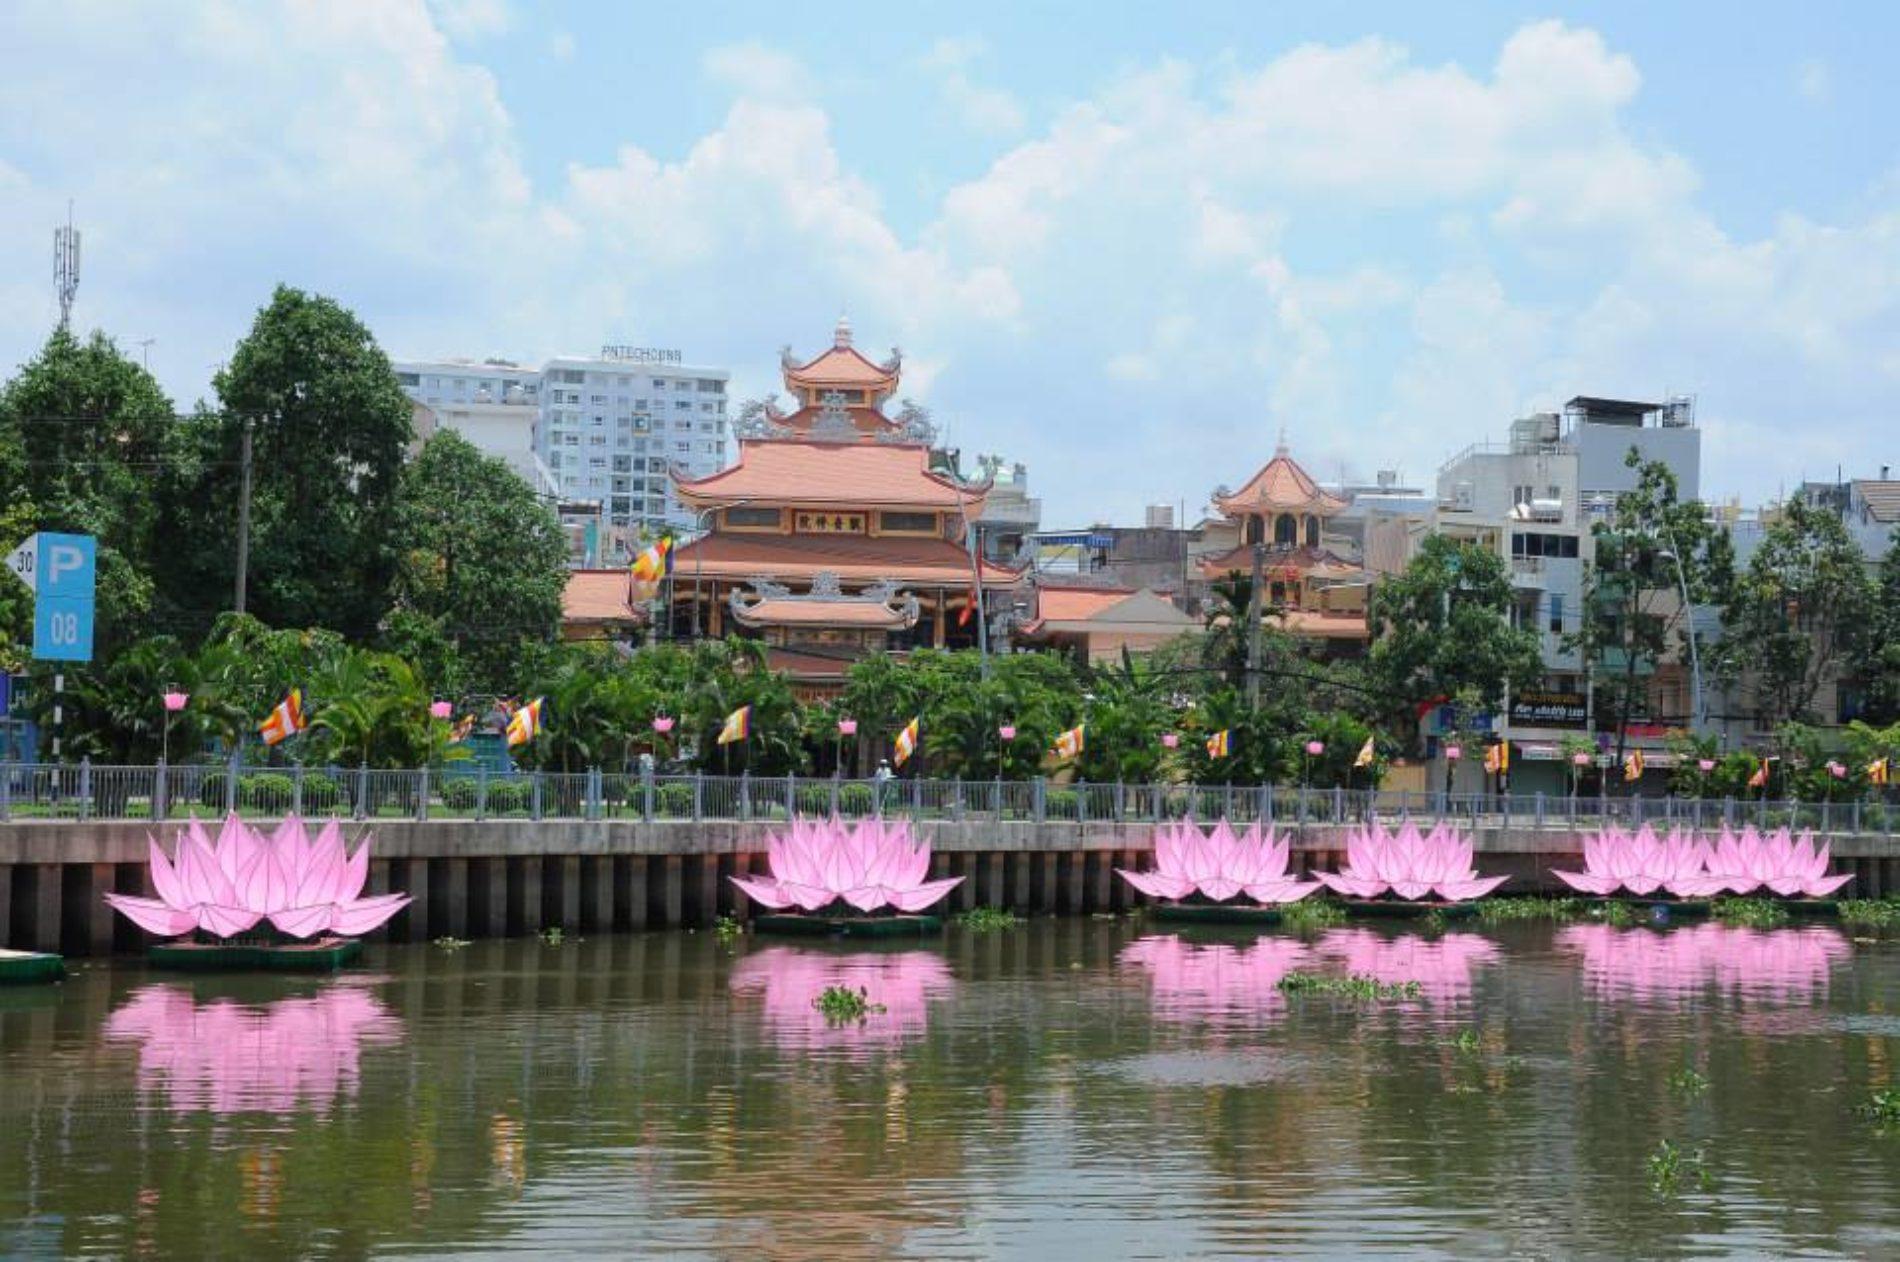 QATV: Lễ hạ thuỷ 7 đóa sen trên kênh Nhiêu Lộc (PL.2562 – DL.2018)